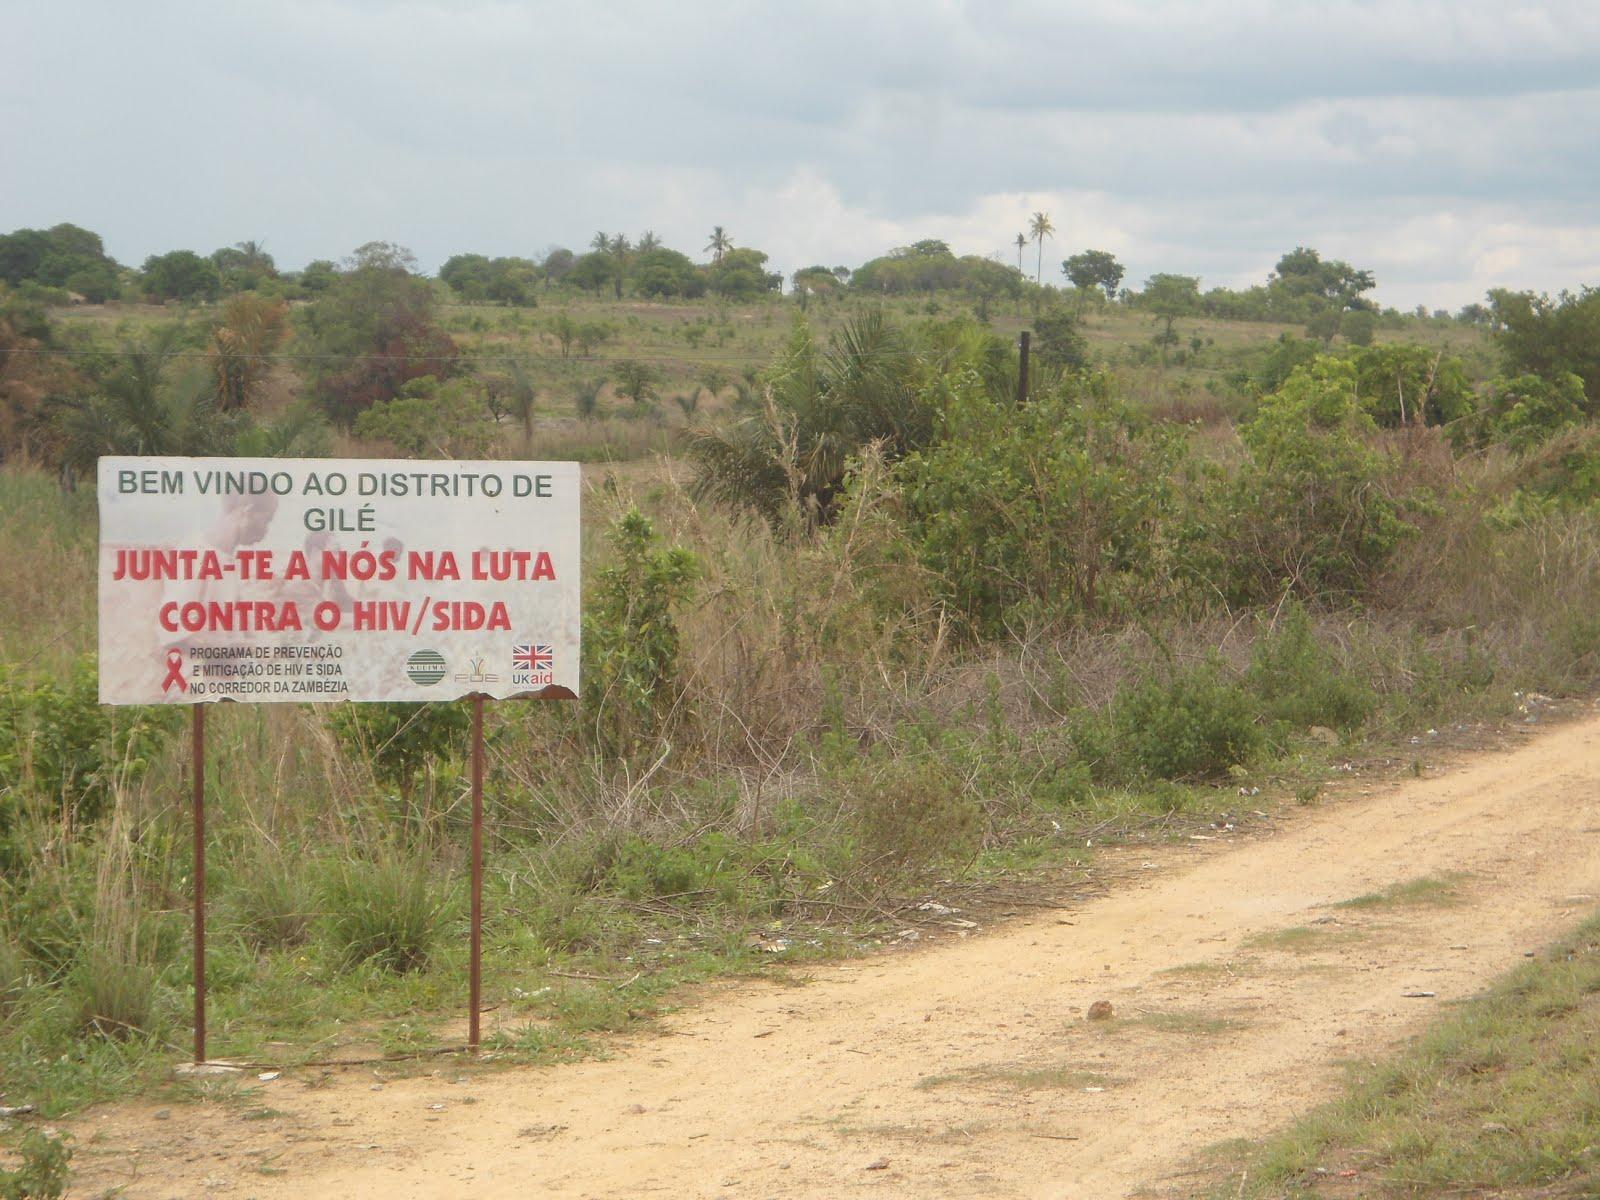 Zona endemica.